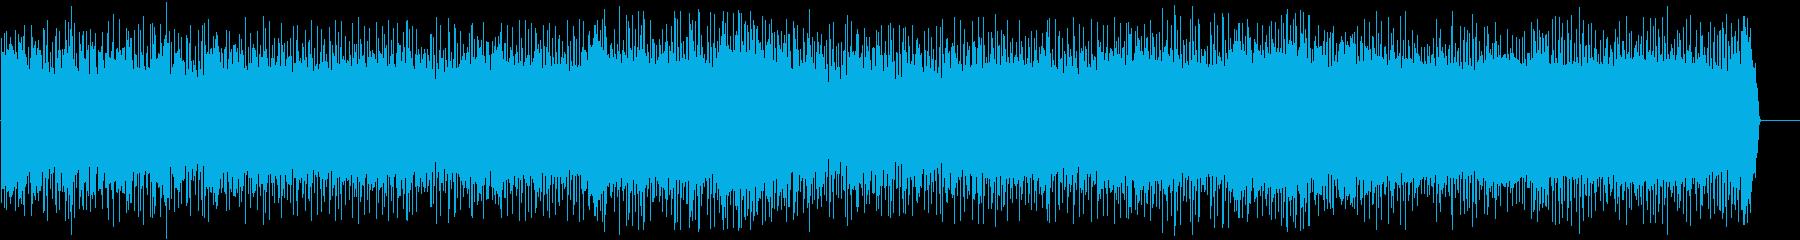 爽快に疾走するポップ(フルサイズ)の再生済みの波形